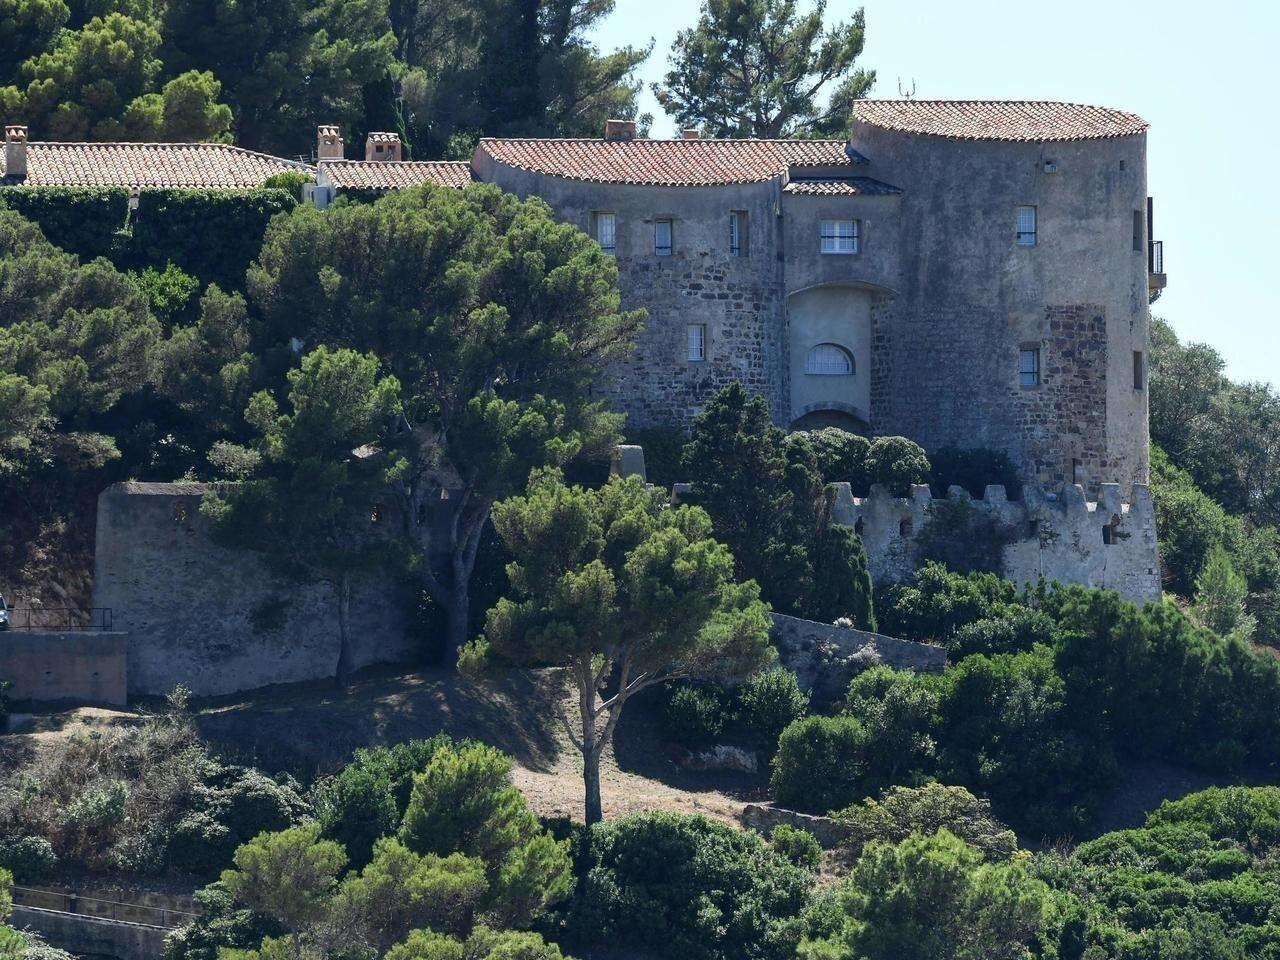 С 1968 года Форт де Брегансон официально стал летней резиденцией французских президентов.